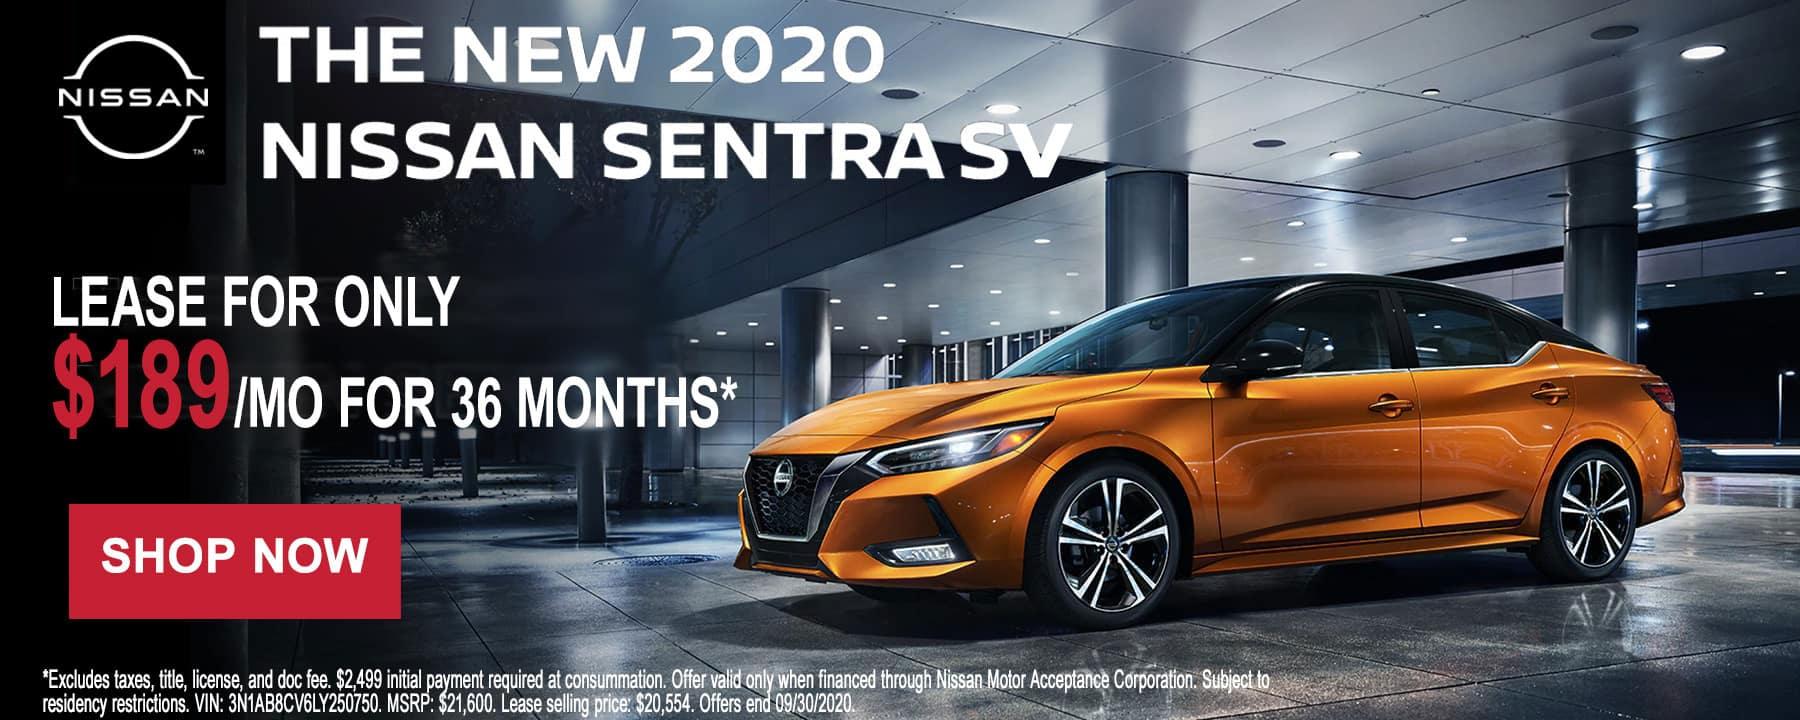 2020 Nissan Sentra September Lease Offer at Star Nissan